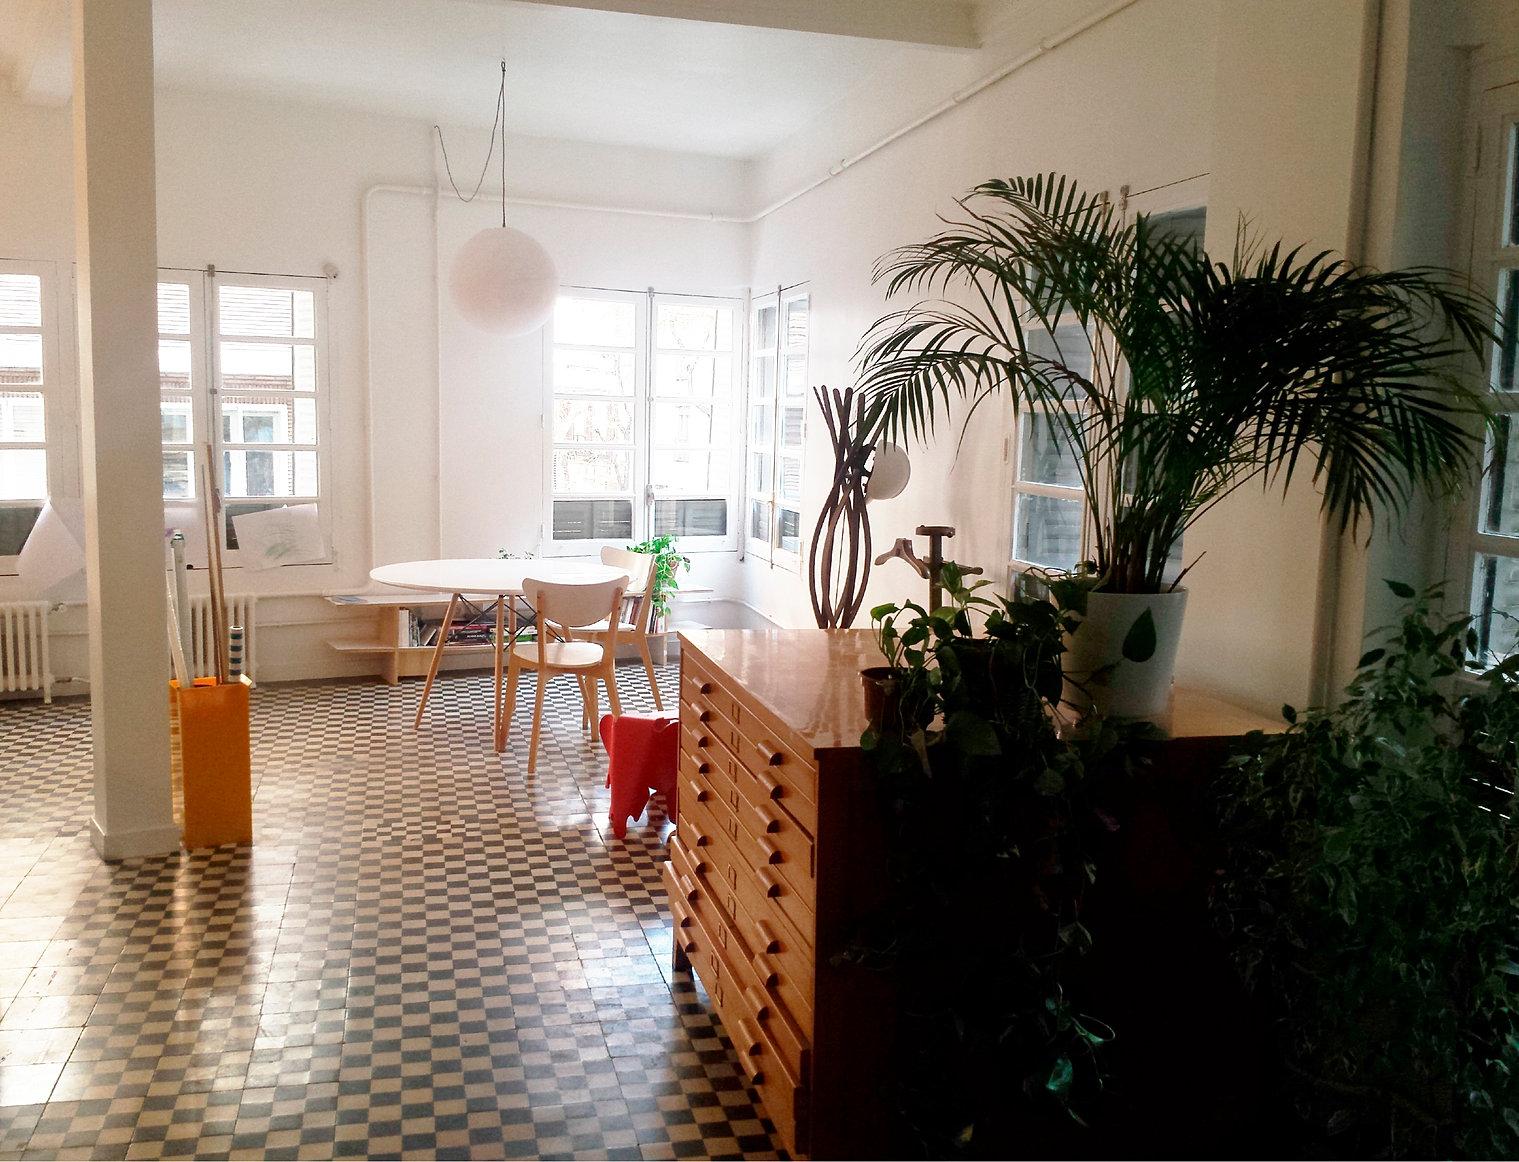 Estudio de arquitectura de interiores susana send n - Estudio de interiores ...